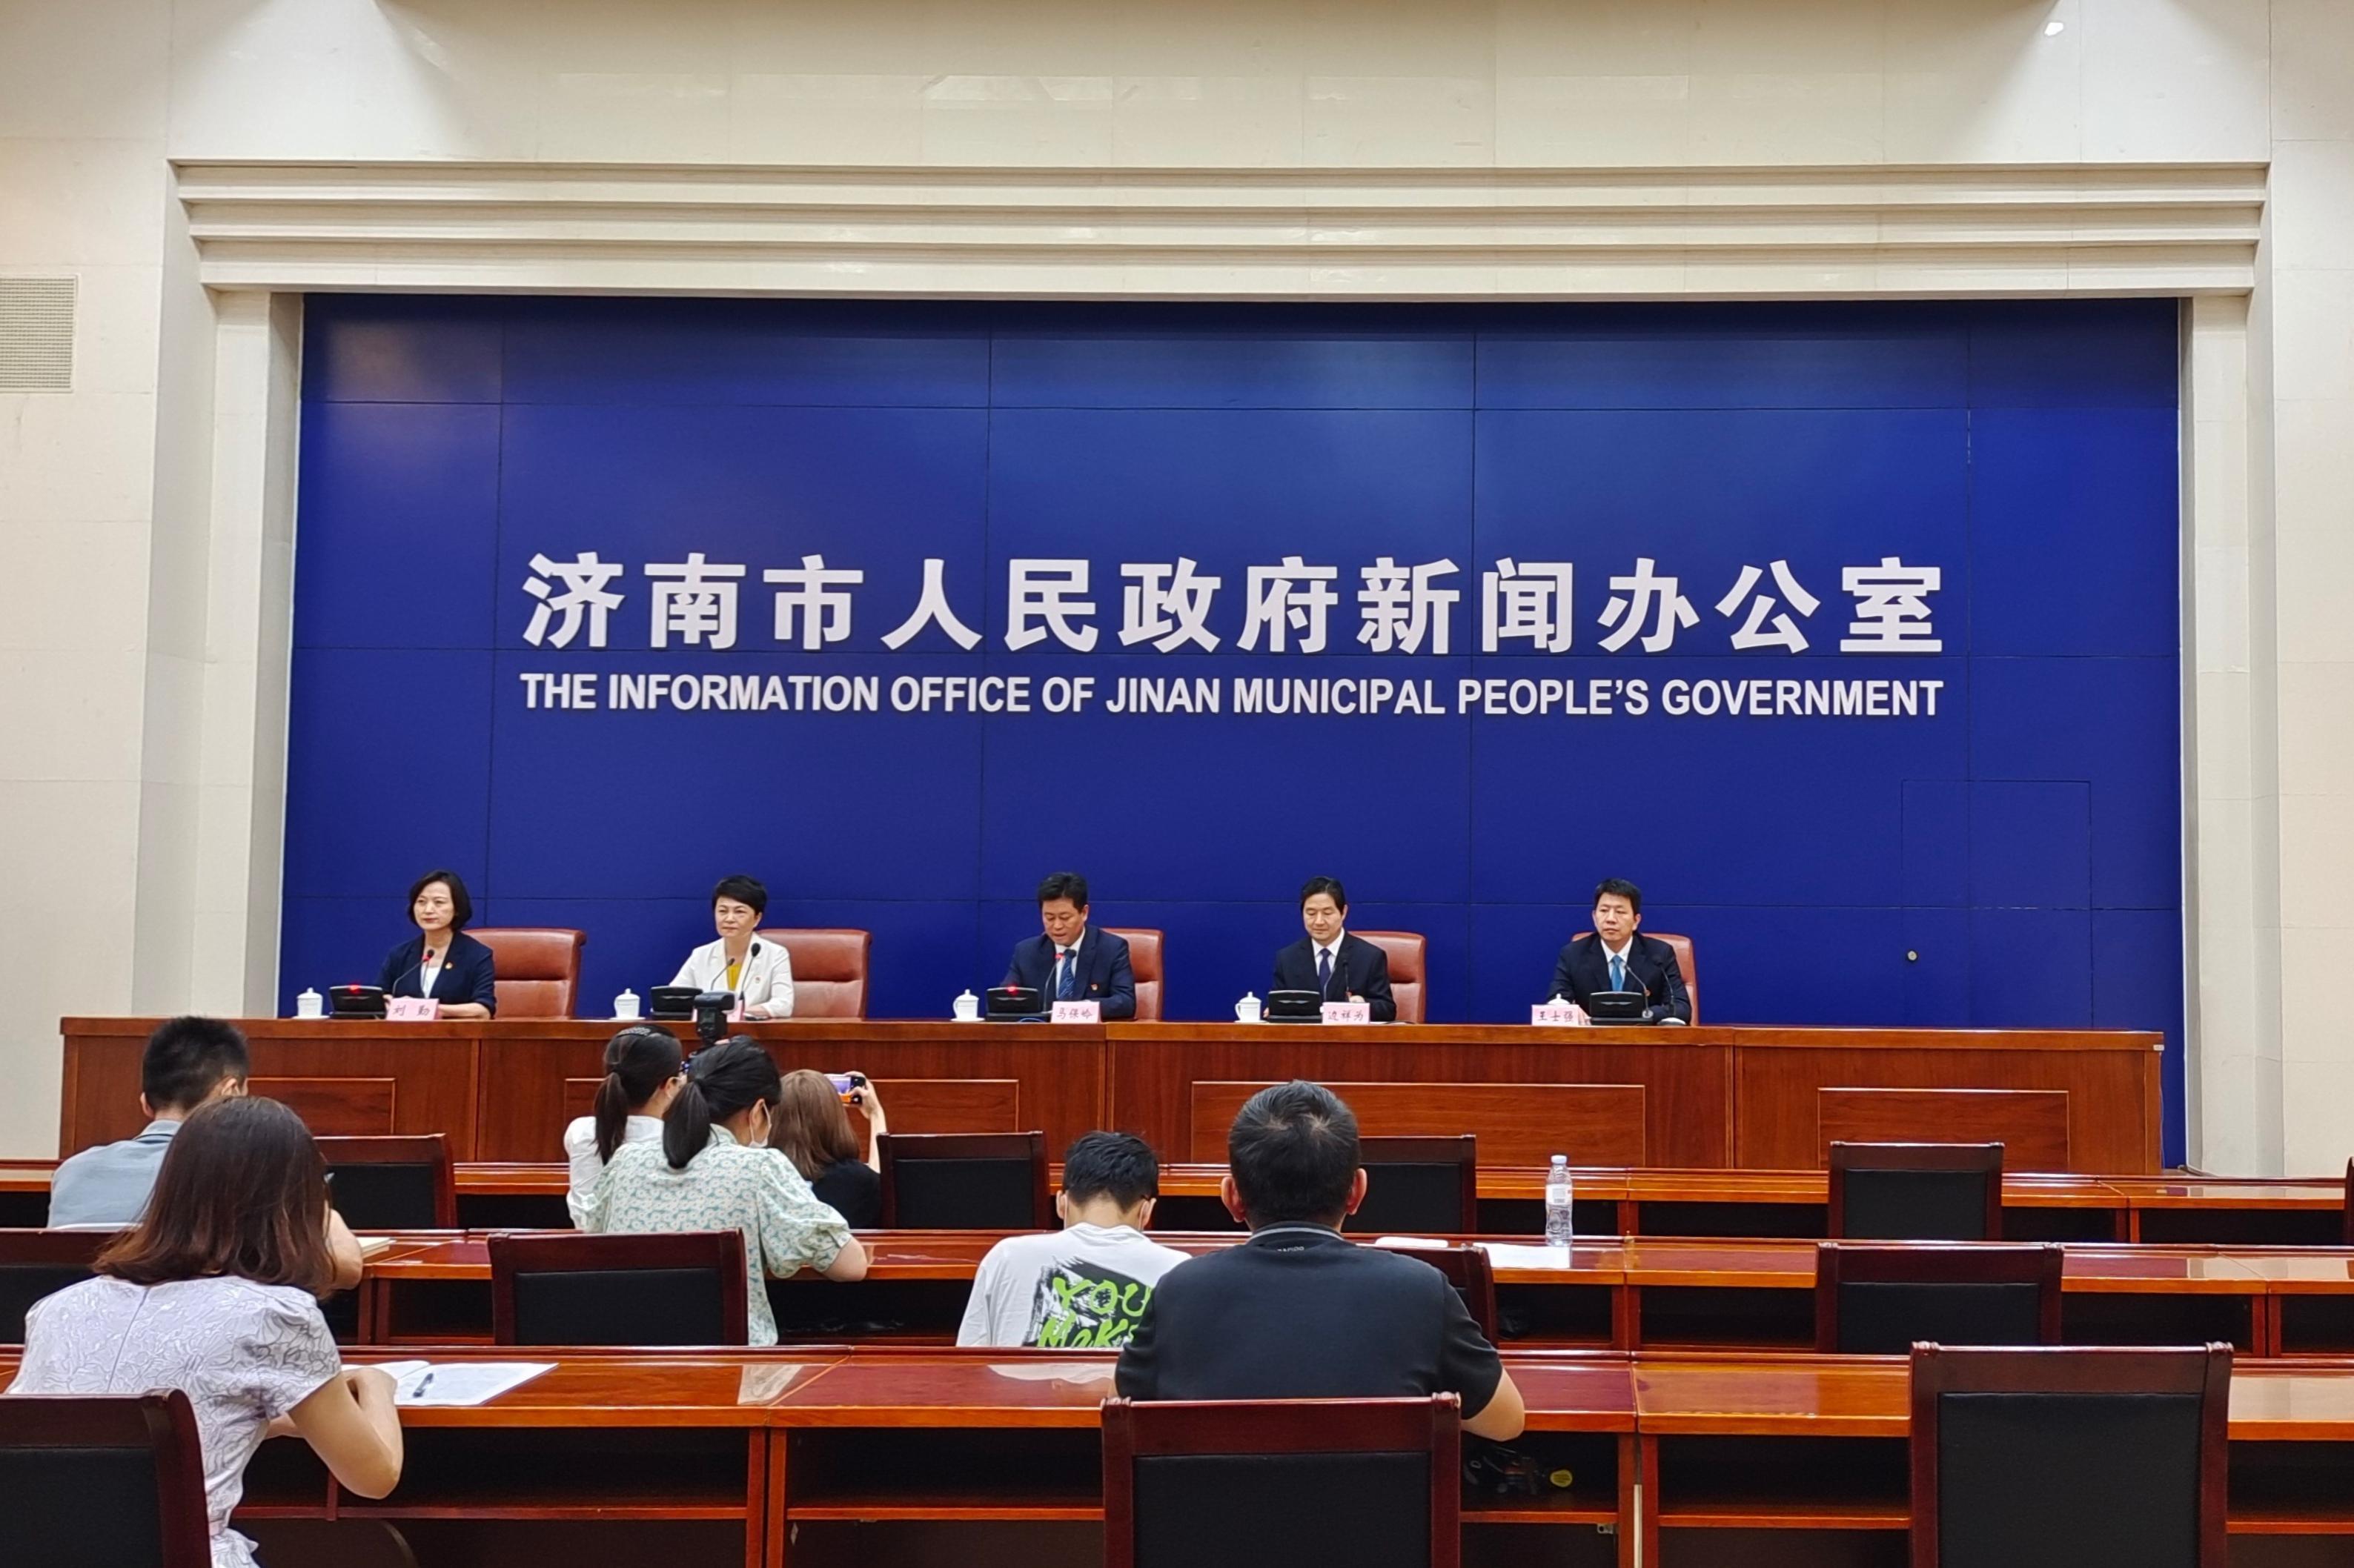 互联网行业gdp_数字化为传统行业赋能上半年新经济贡献北京四成GDP